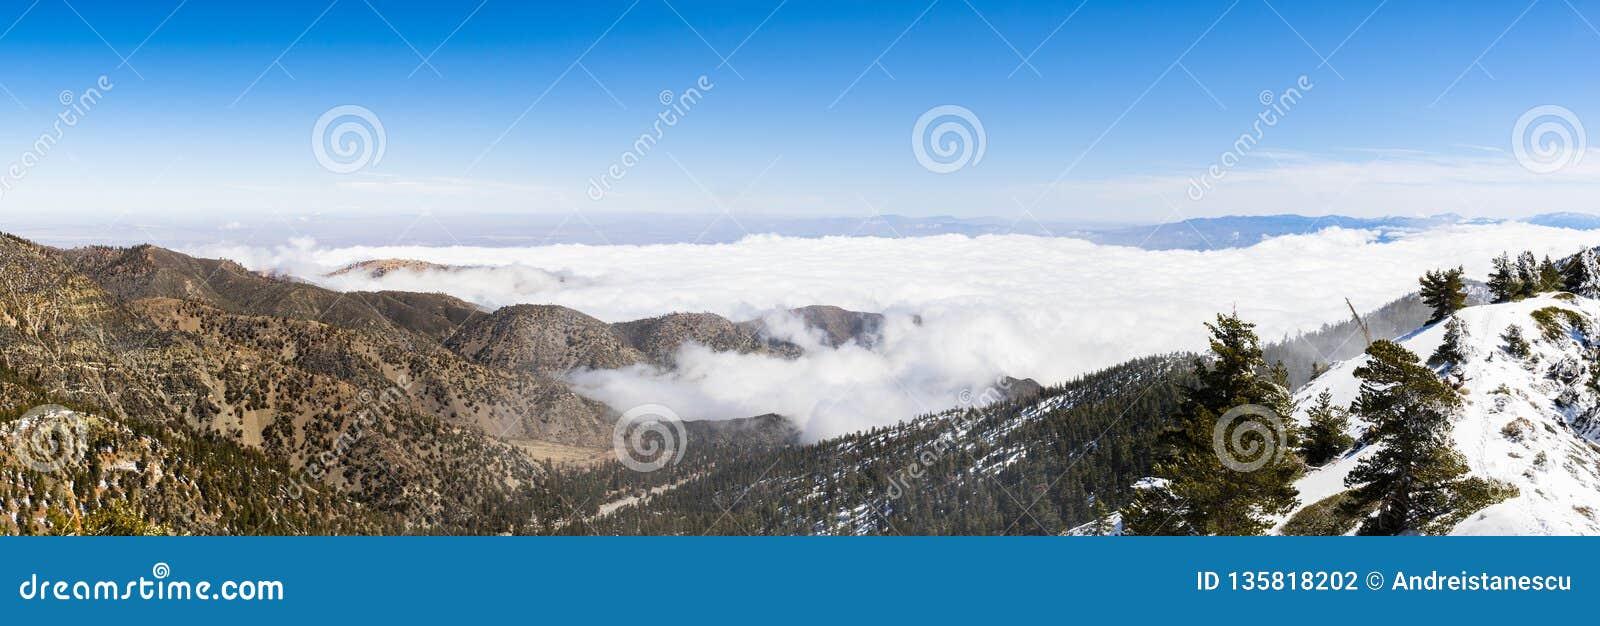 Solig vinterdag med stupad snö och ett hav av vita moln på slingan till Mt San Antonio (Mt Baldy), Los Angeles County,